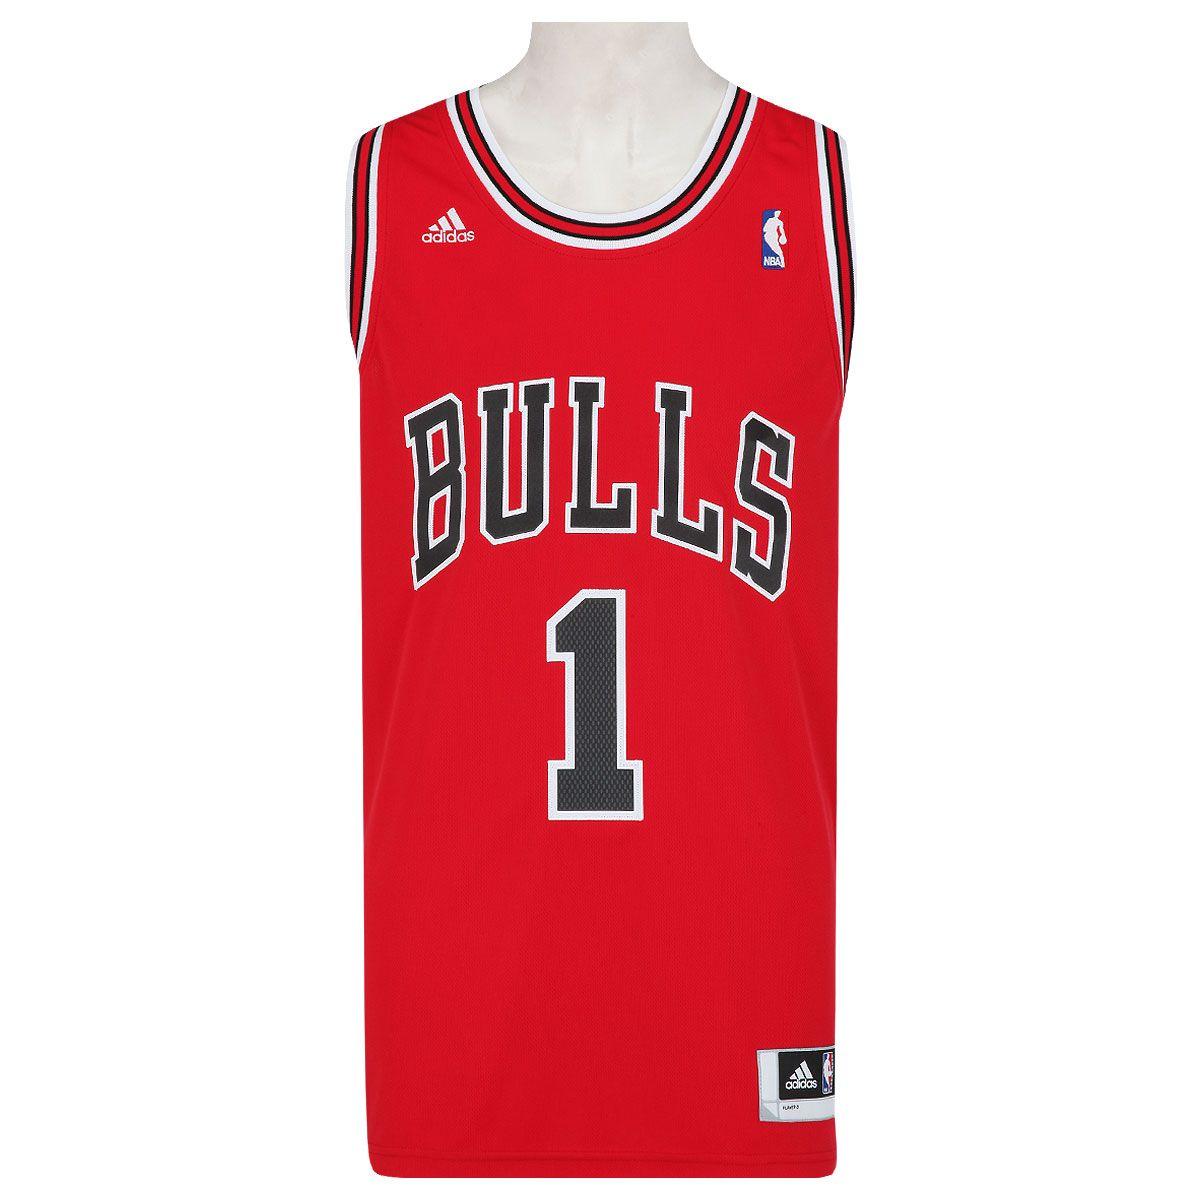 Camiseta Regata Adidas Bulls Home Rose - Masculina  b8ab14e86c7